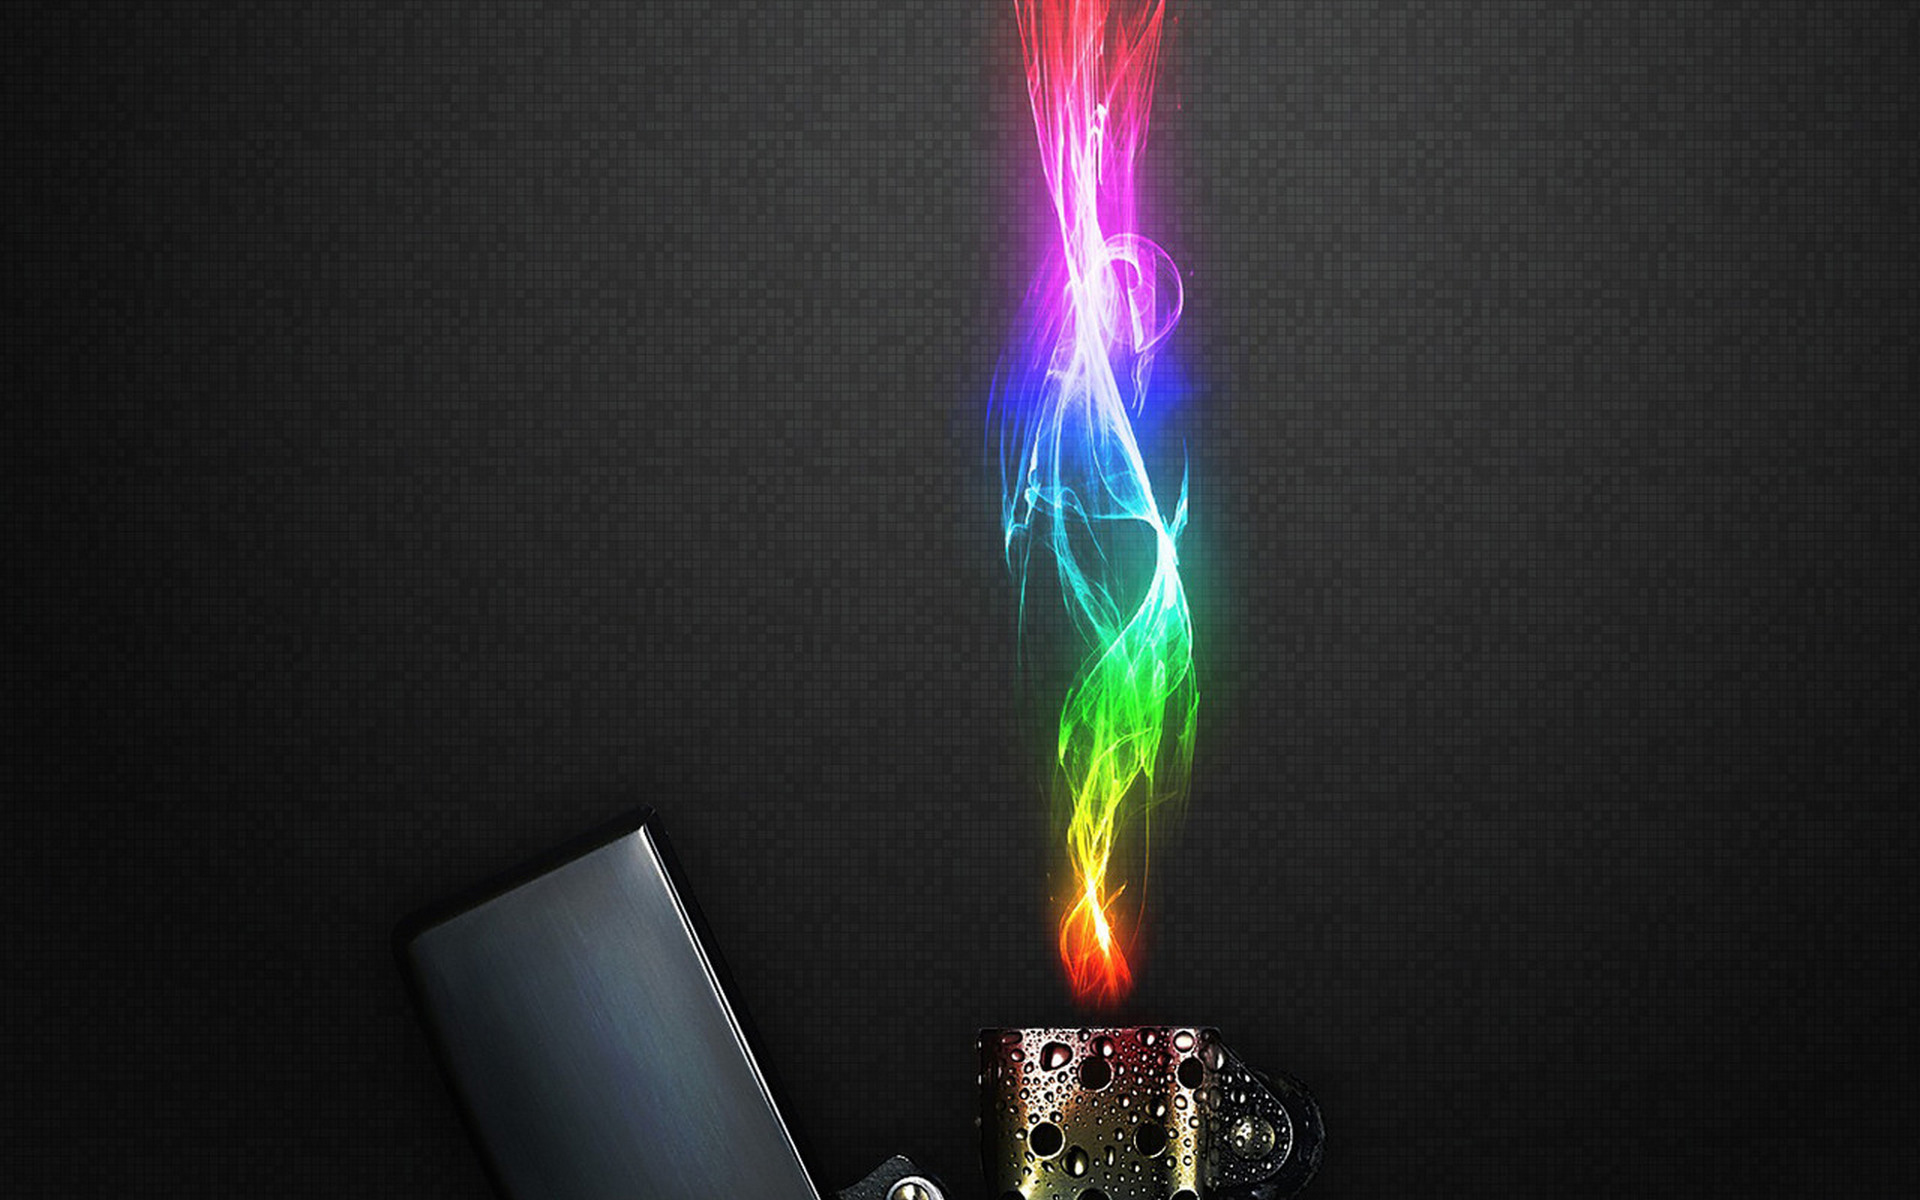 обои зажигалка, крышка, пламя, цветное картинки фото